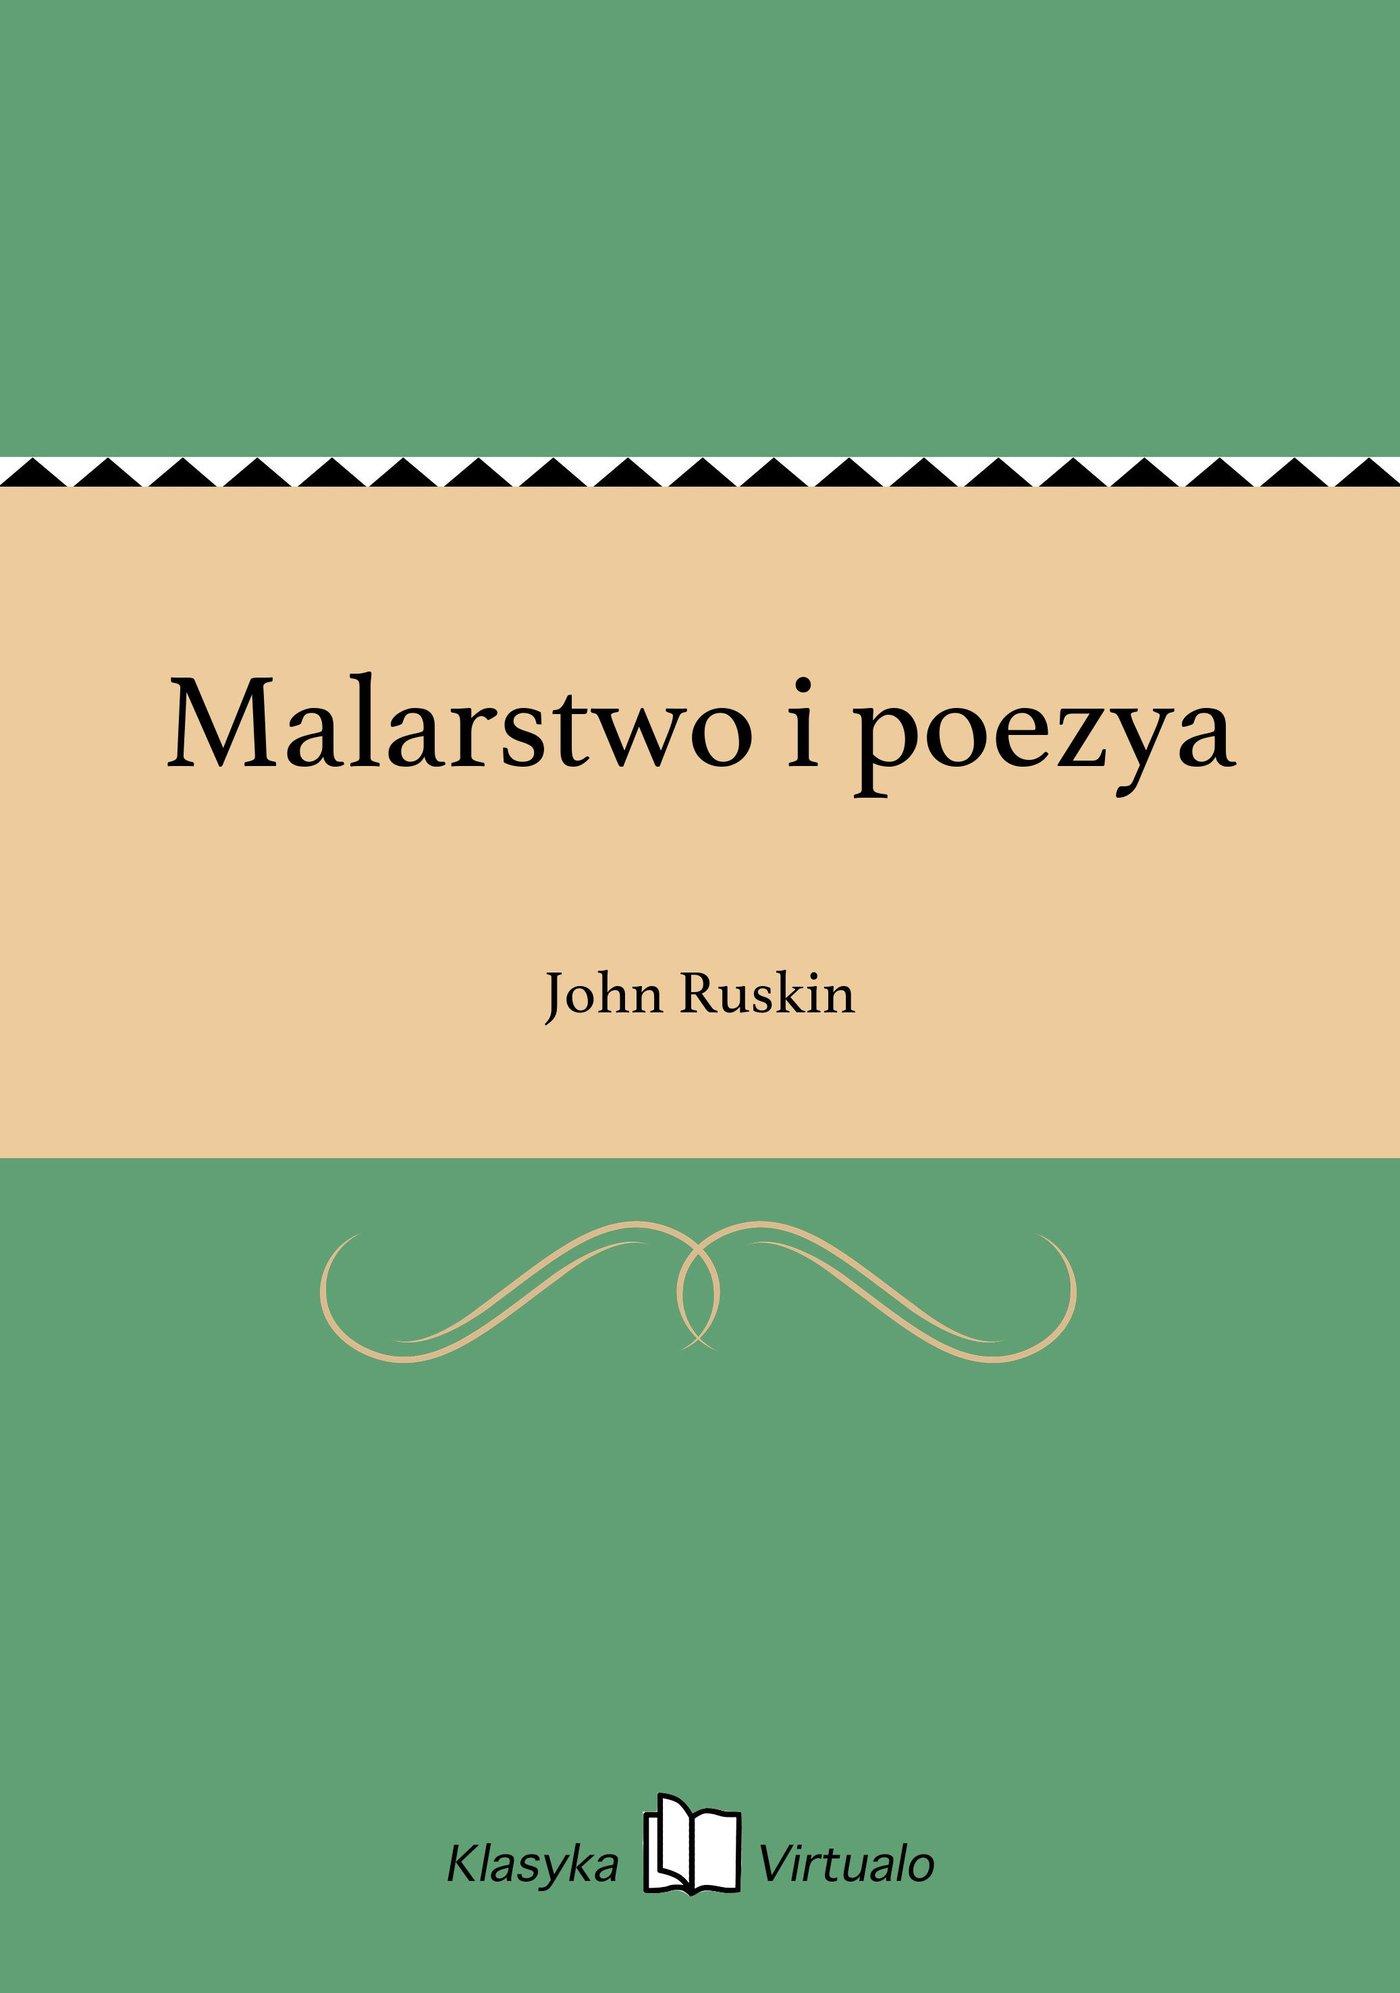 Malarstwo i poezya - Ebook (Książka na Kindle) do pobrania w formacie MOBI